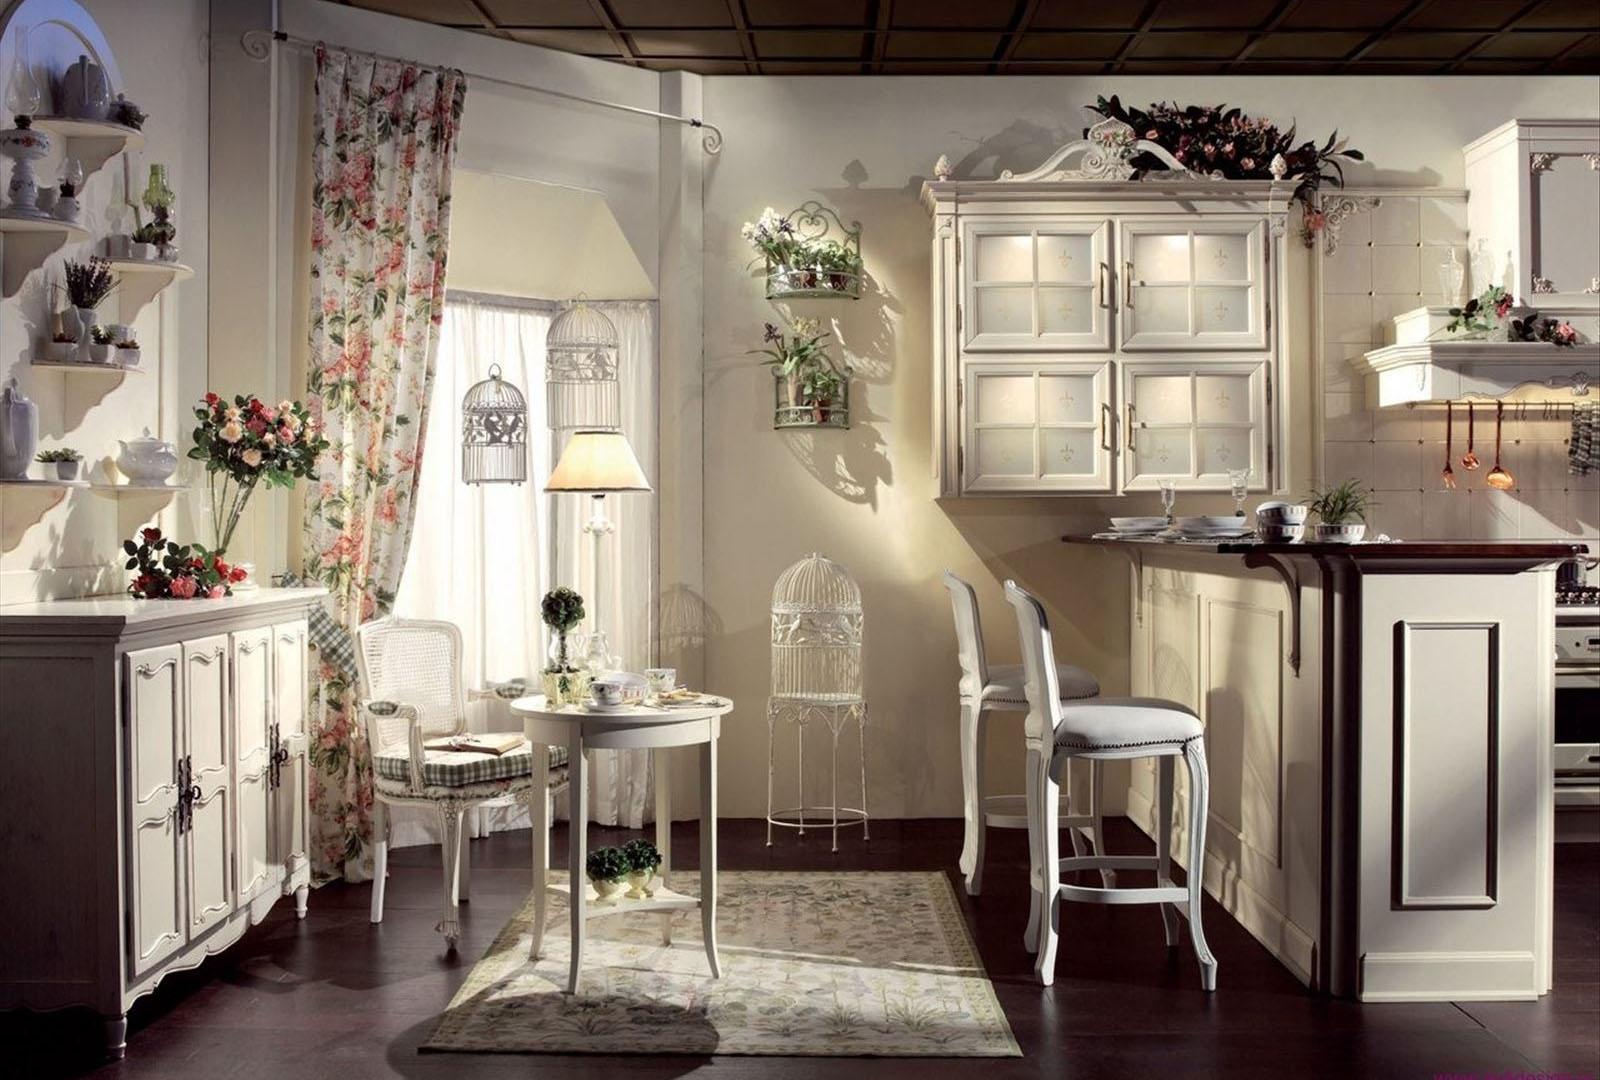 Мебель на кухню в стиле прованс своими руками